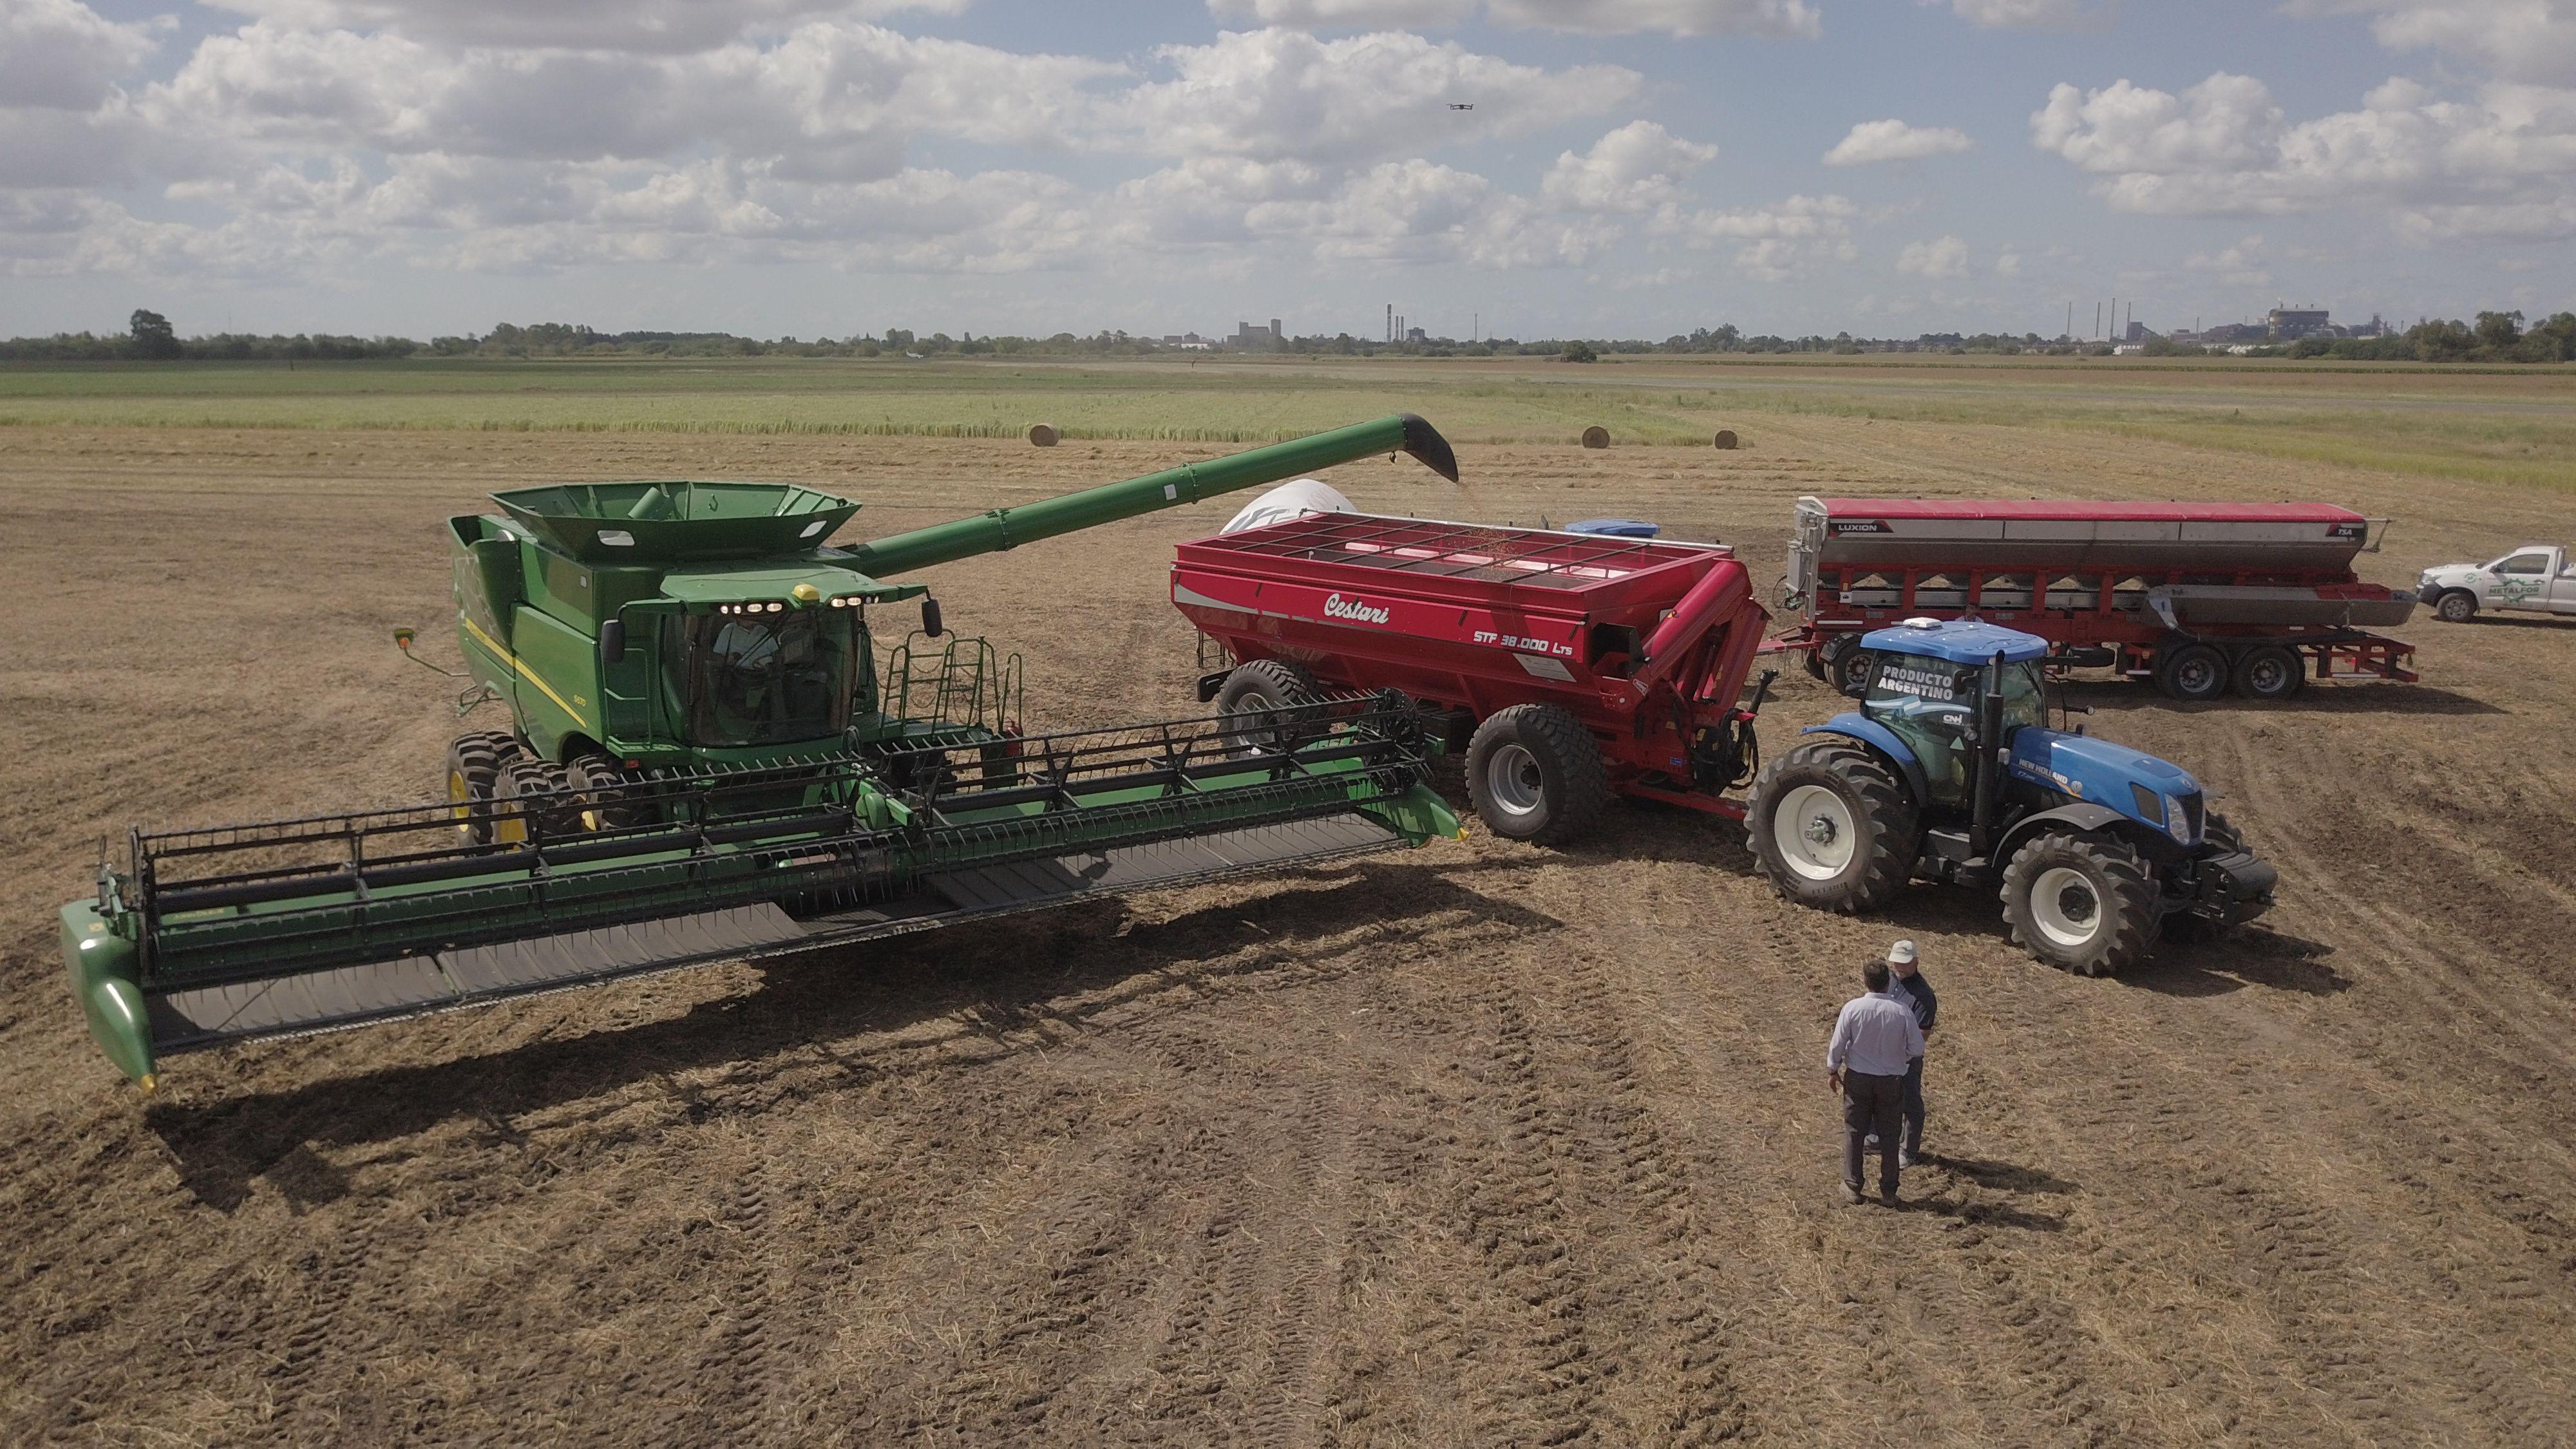 Los fabricantes de maquinaria agrícola lpreocupados por la caída de las ventas registrada en el segundo trimestre.